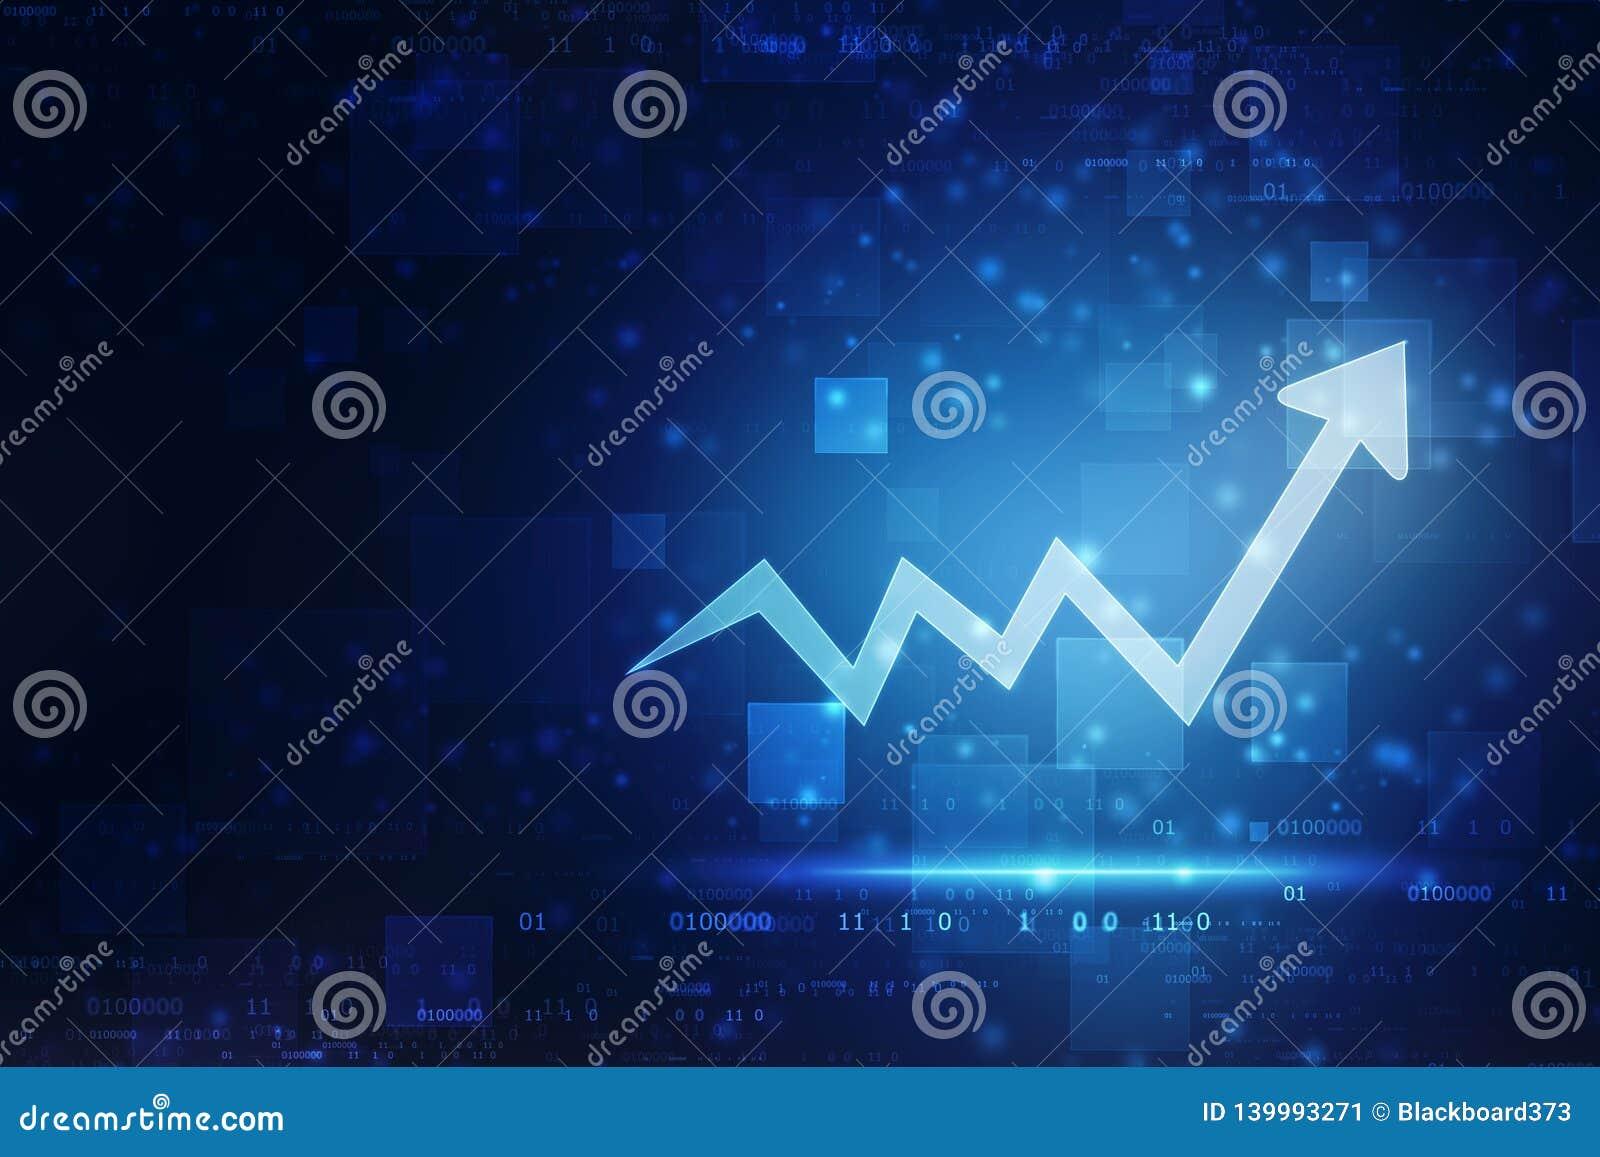 Fundo da tecnologia da transformação digital futurista da carta da seta do aumento, mercado de valores de ação e fundo abstratos